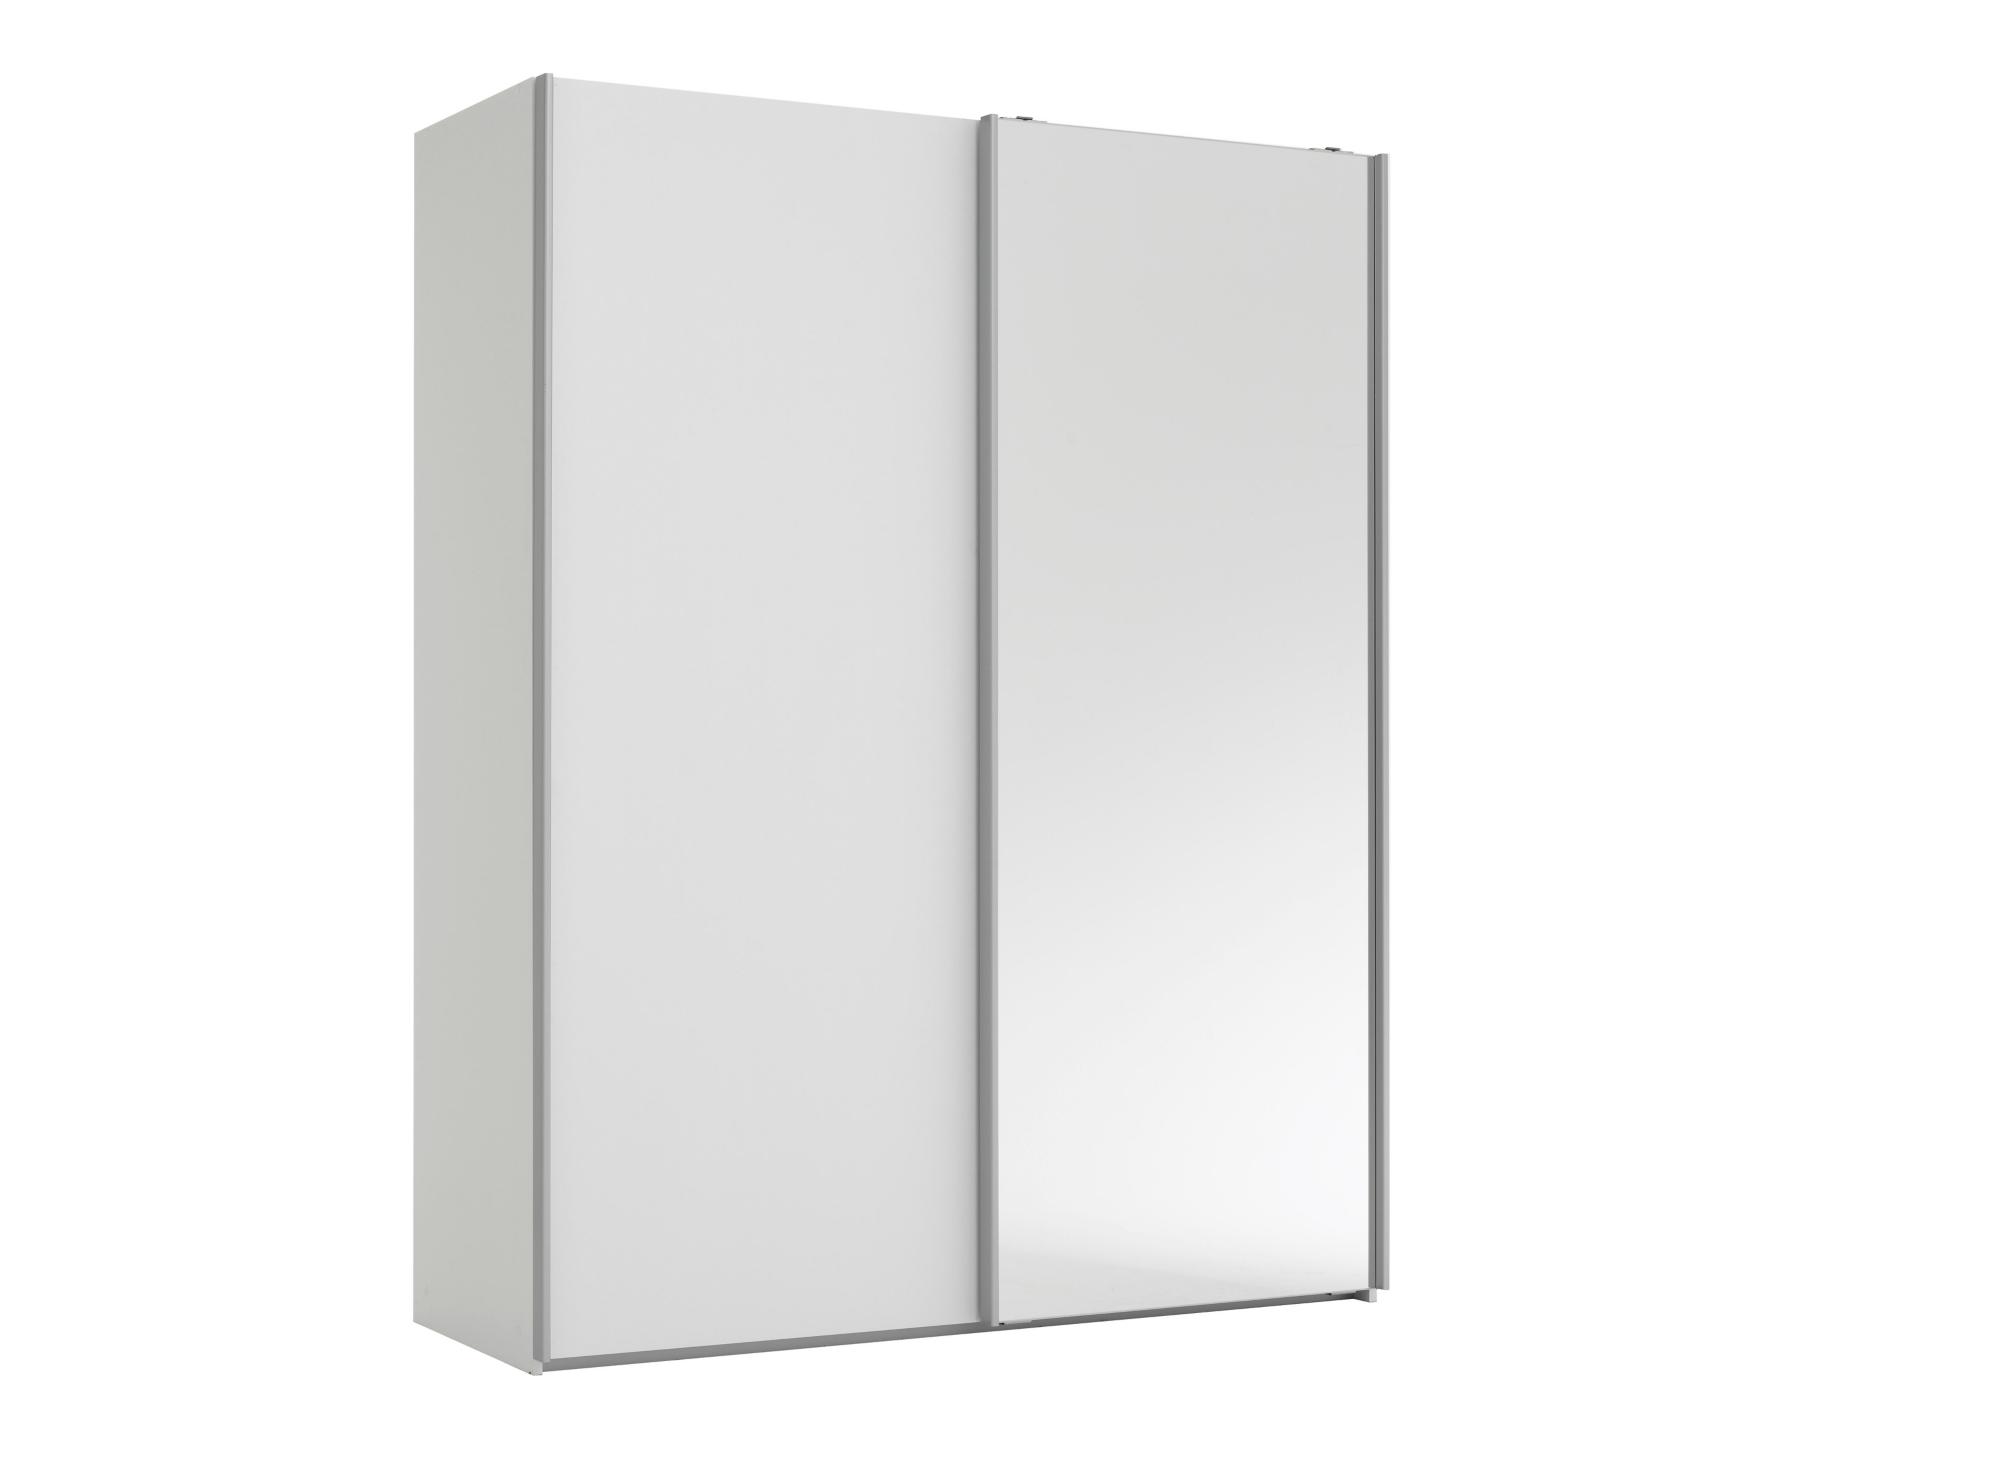 Armoire 2 portes l150 p61 cm blanc miroir armoire for Miroir fly